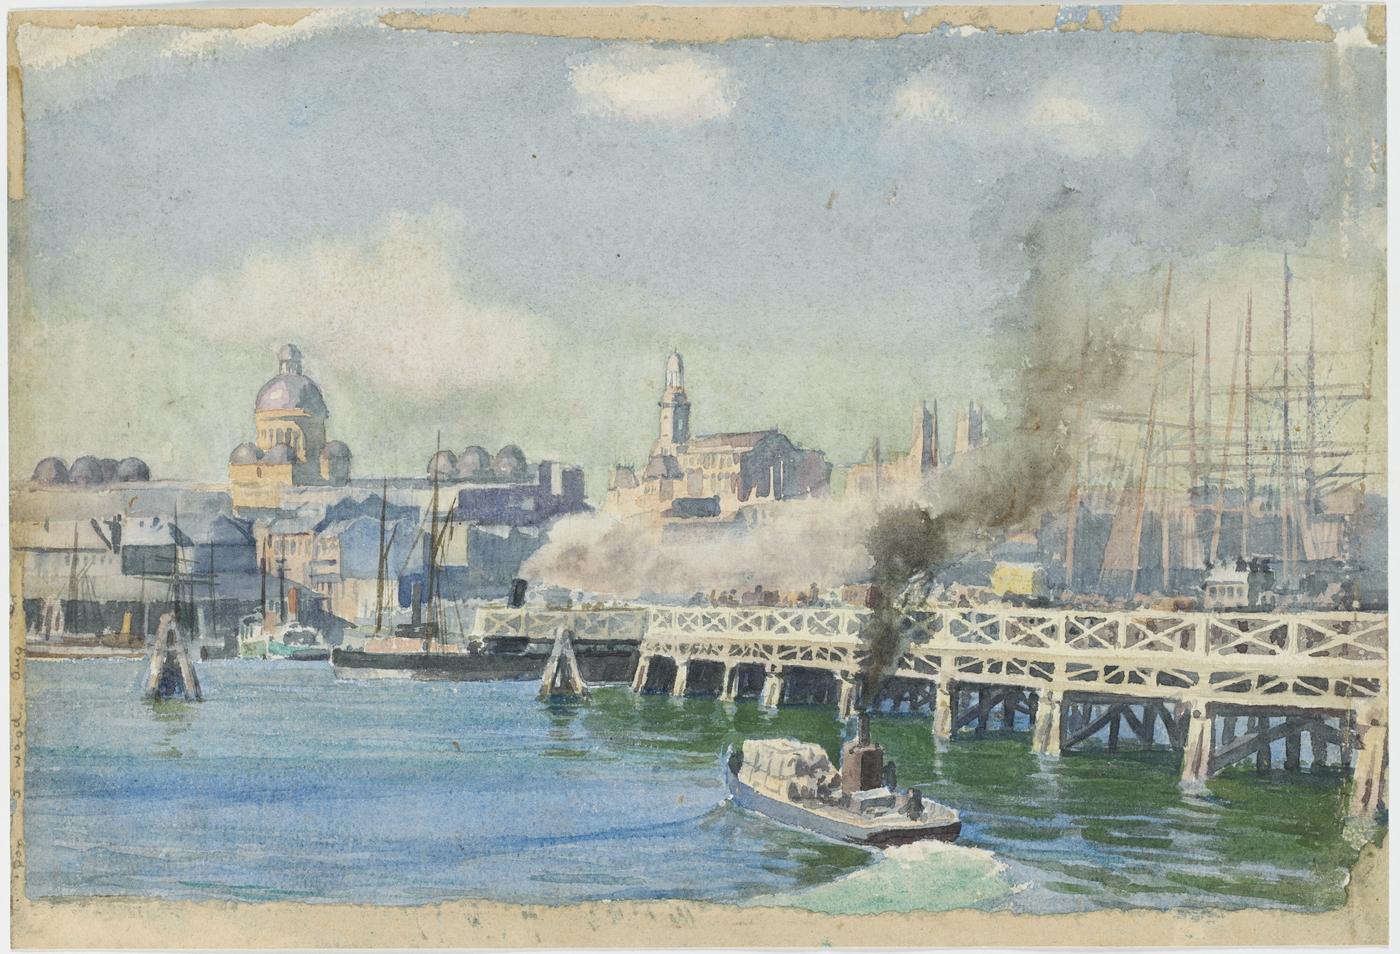 Pyrmont Bridge, c.1900 / G. Coutts